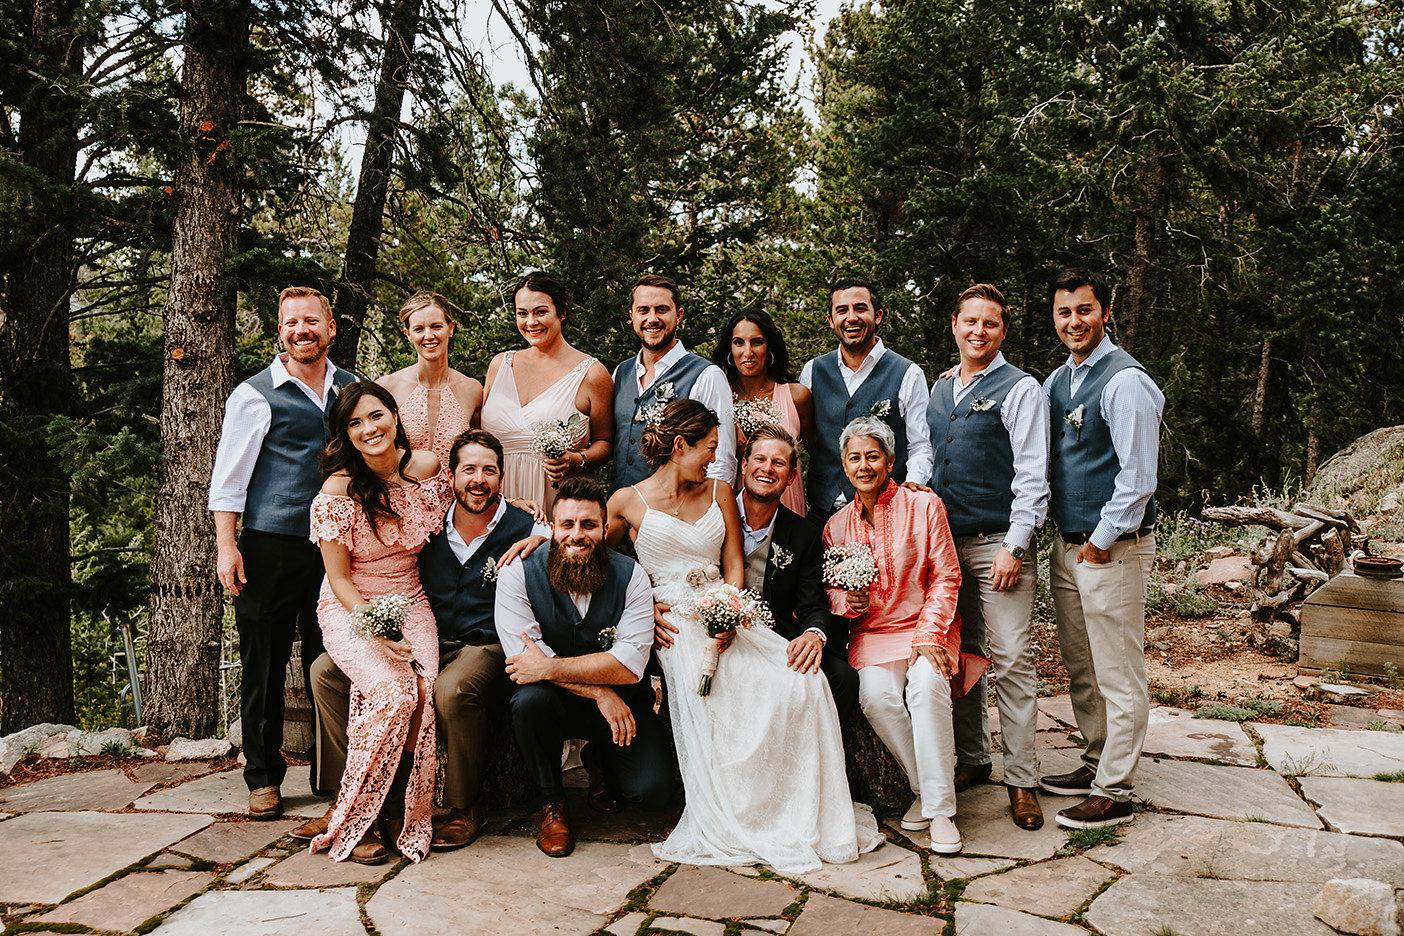 Nederland, Colorado Bridal Party